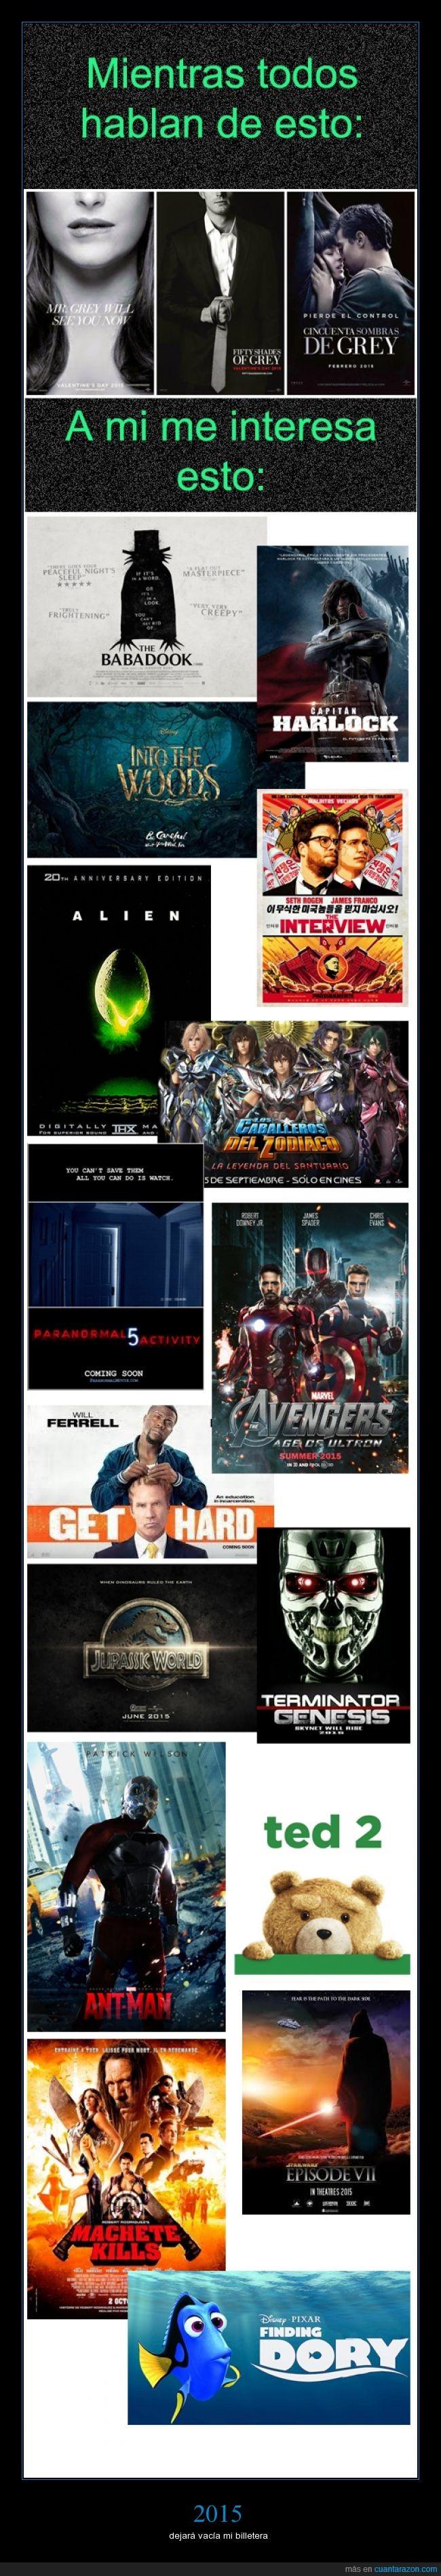 2015,año,cine,estrenos,películas